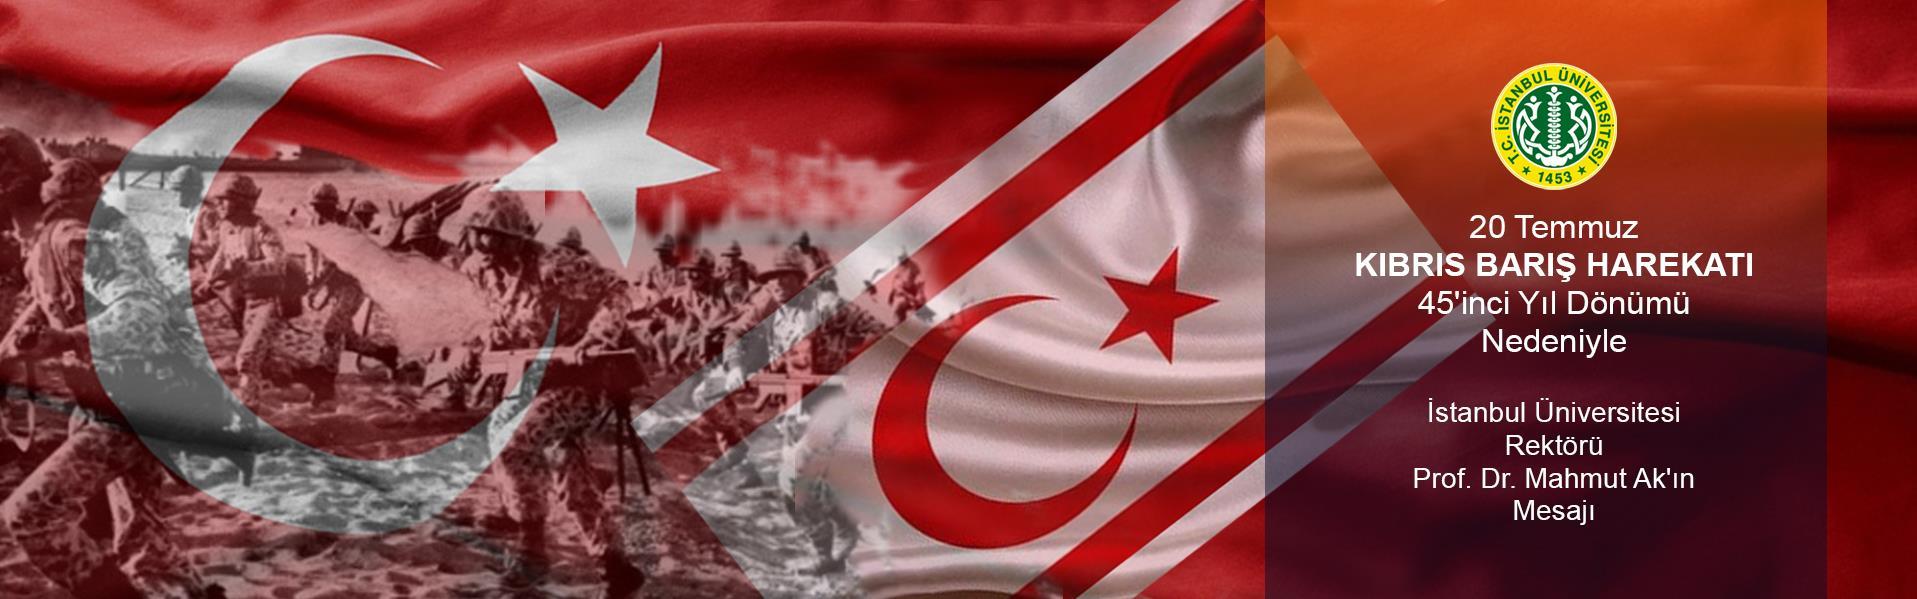 20-Temmuz--Kıbrıs-Barış-Harekatı-45'inci-Yıl-Dönümü-Nedeniyle--İstanbul-Üniversitesi-Rektörü-Prof.-Dr.-Mahmut-Ak'ın-Mesajı